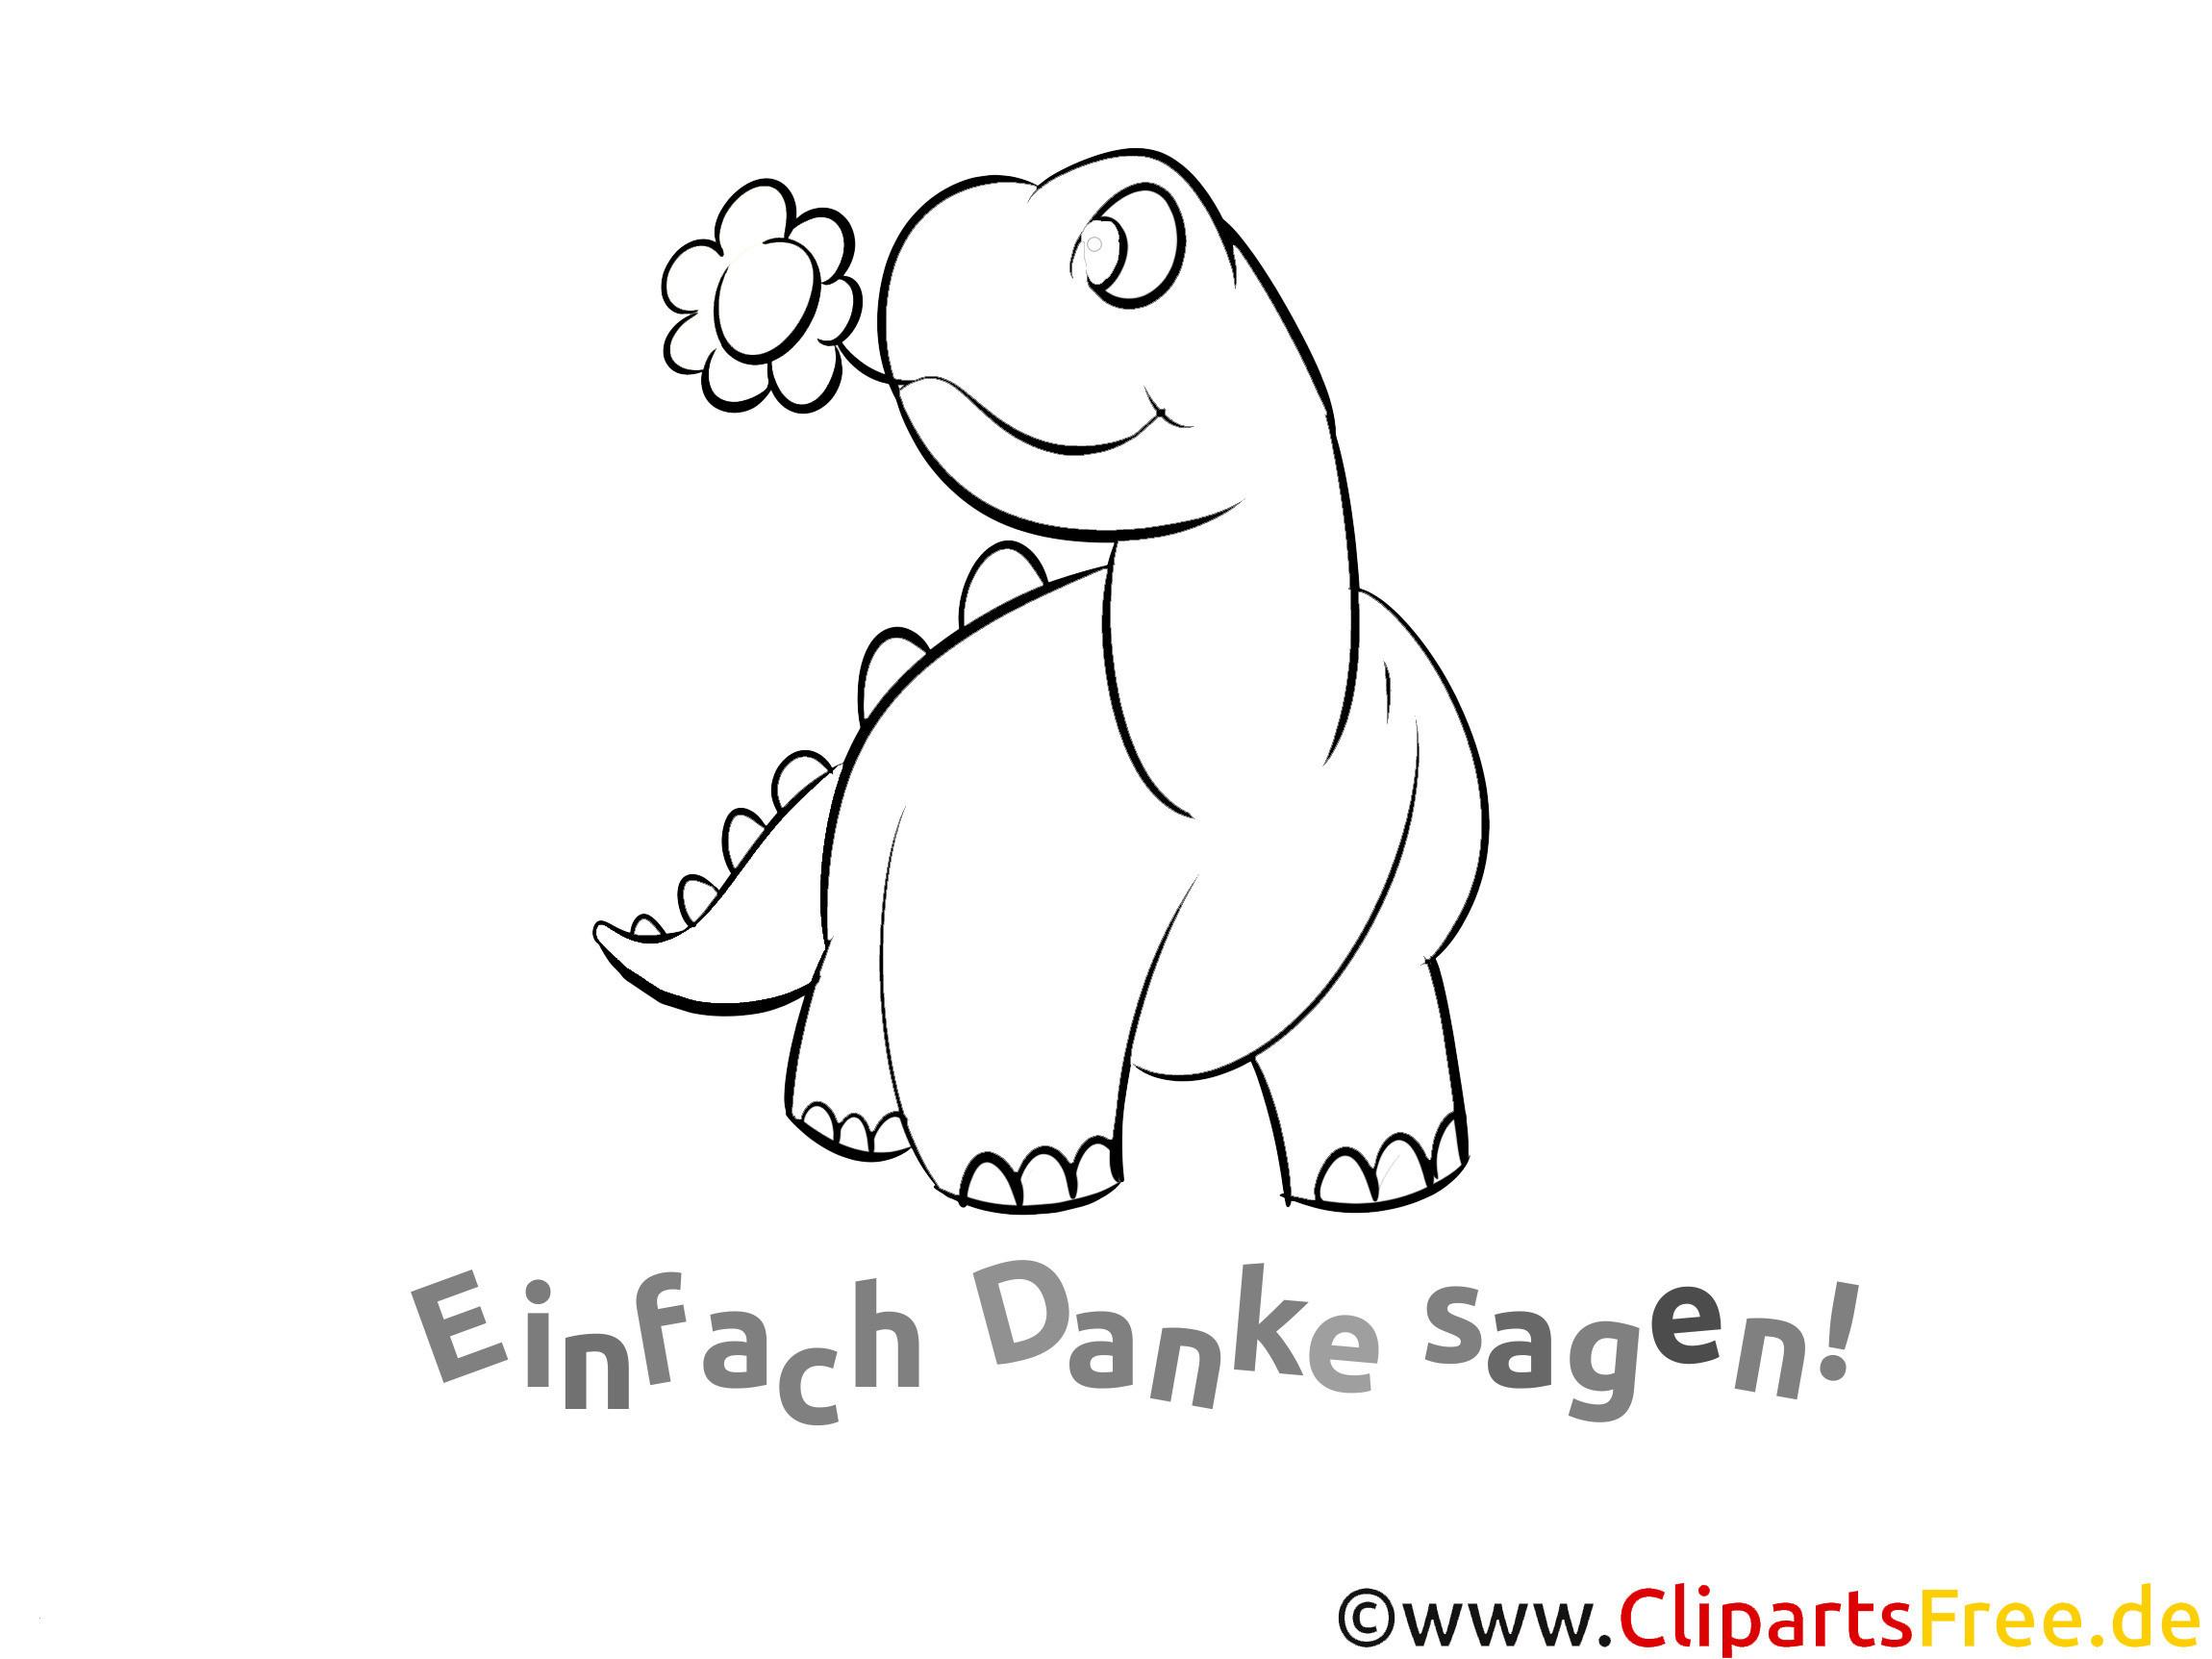 Diddl Maus Ausmalbilder Das Beste Von Diddl Maus Malvorlagen Elegant Hicks Ausmalbilder Schön Dinosaurier Das Bild